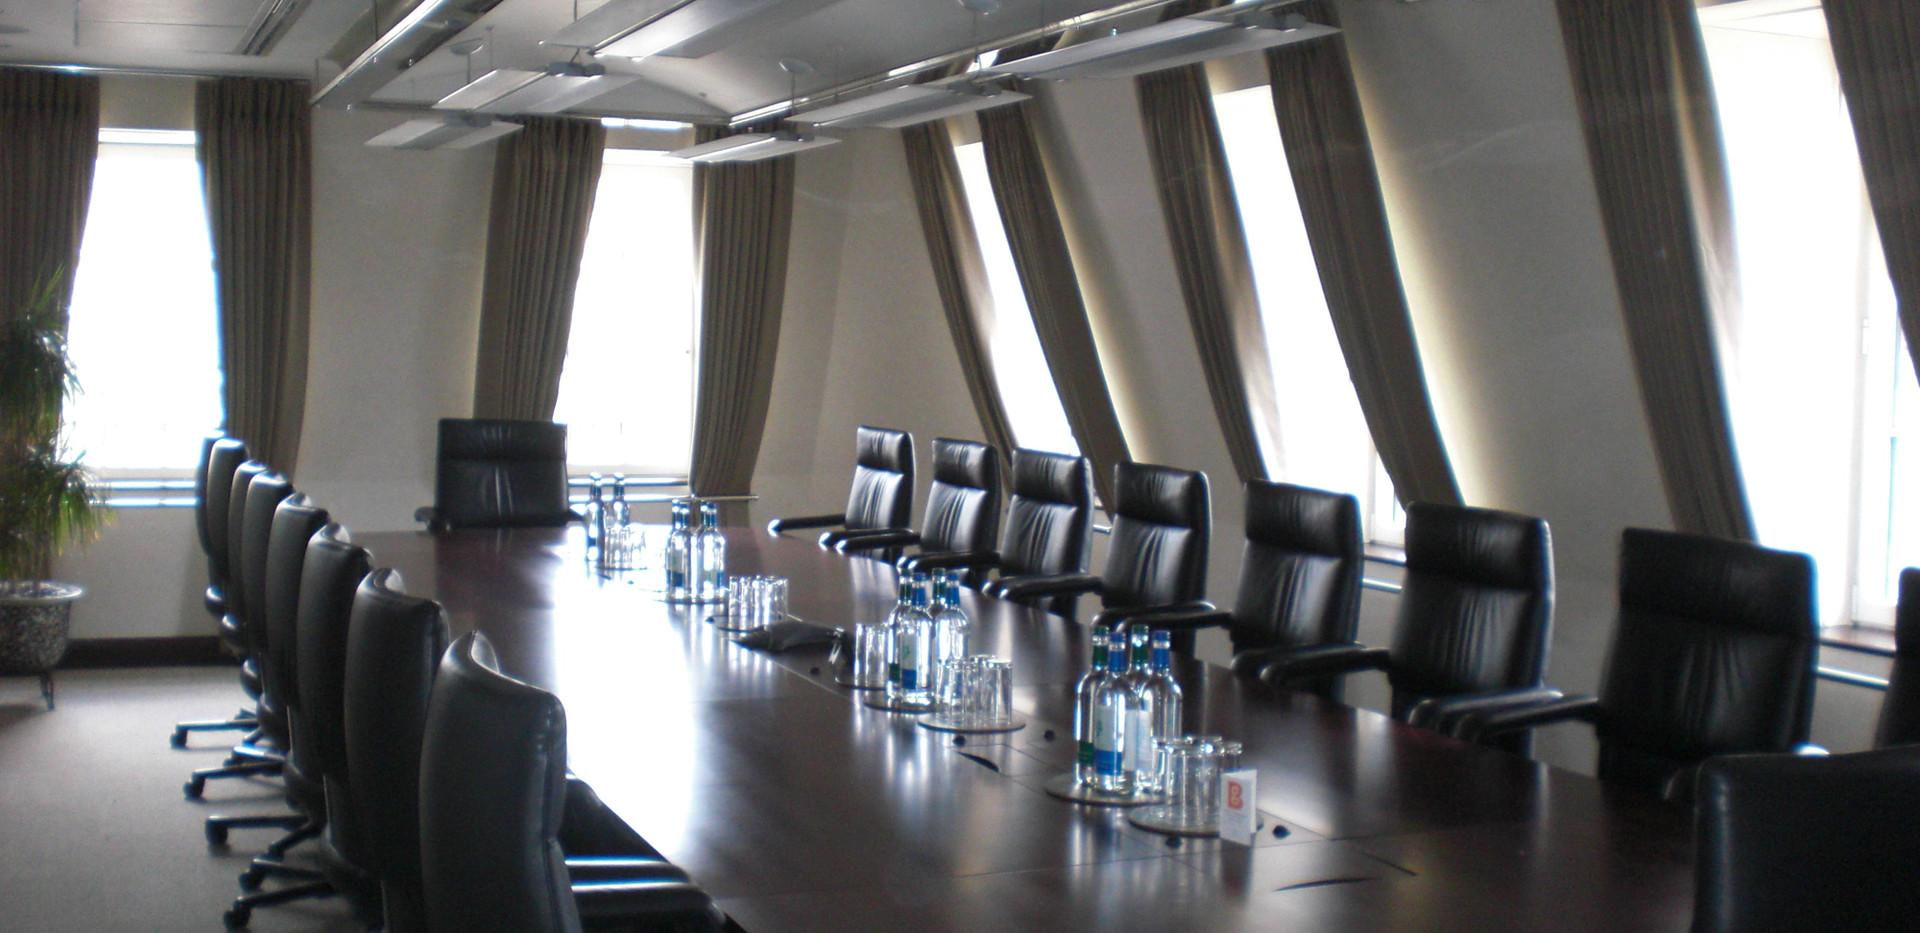 curtains 237 - Copy.jpg